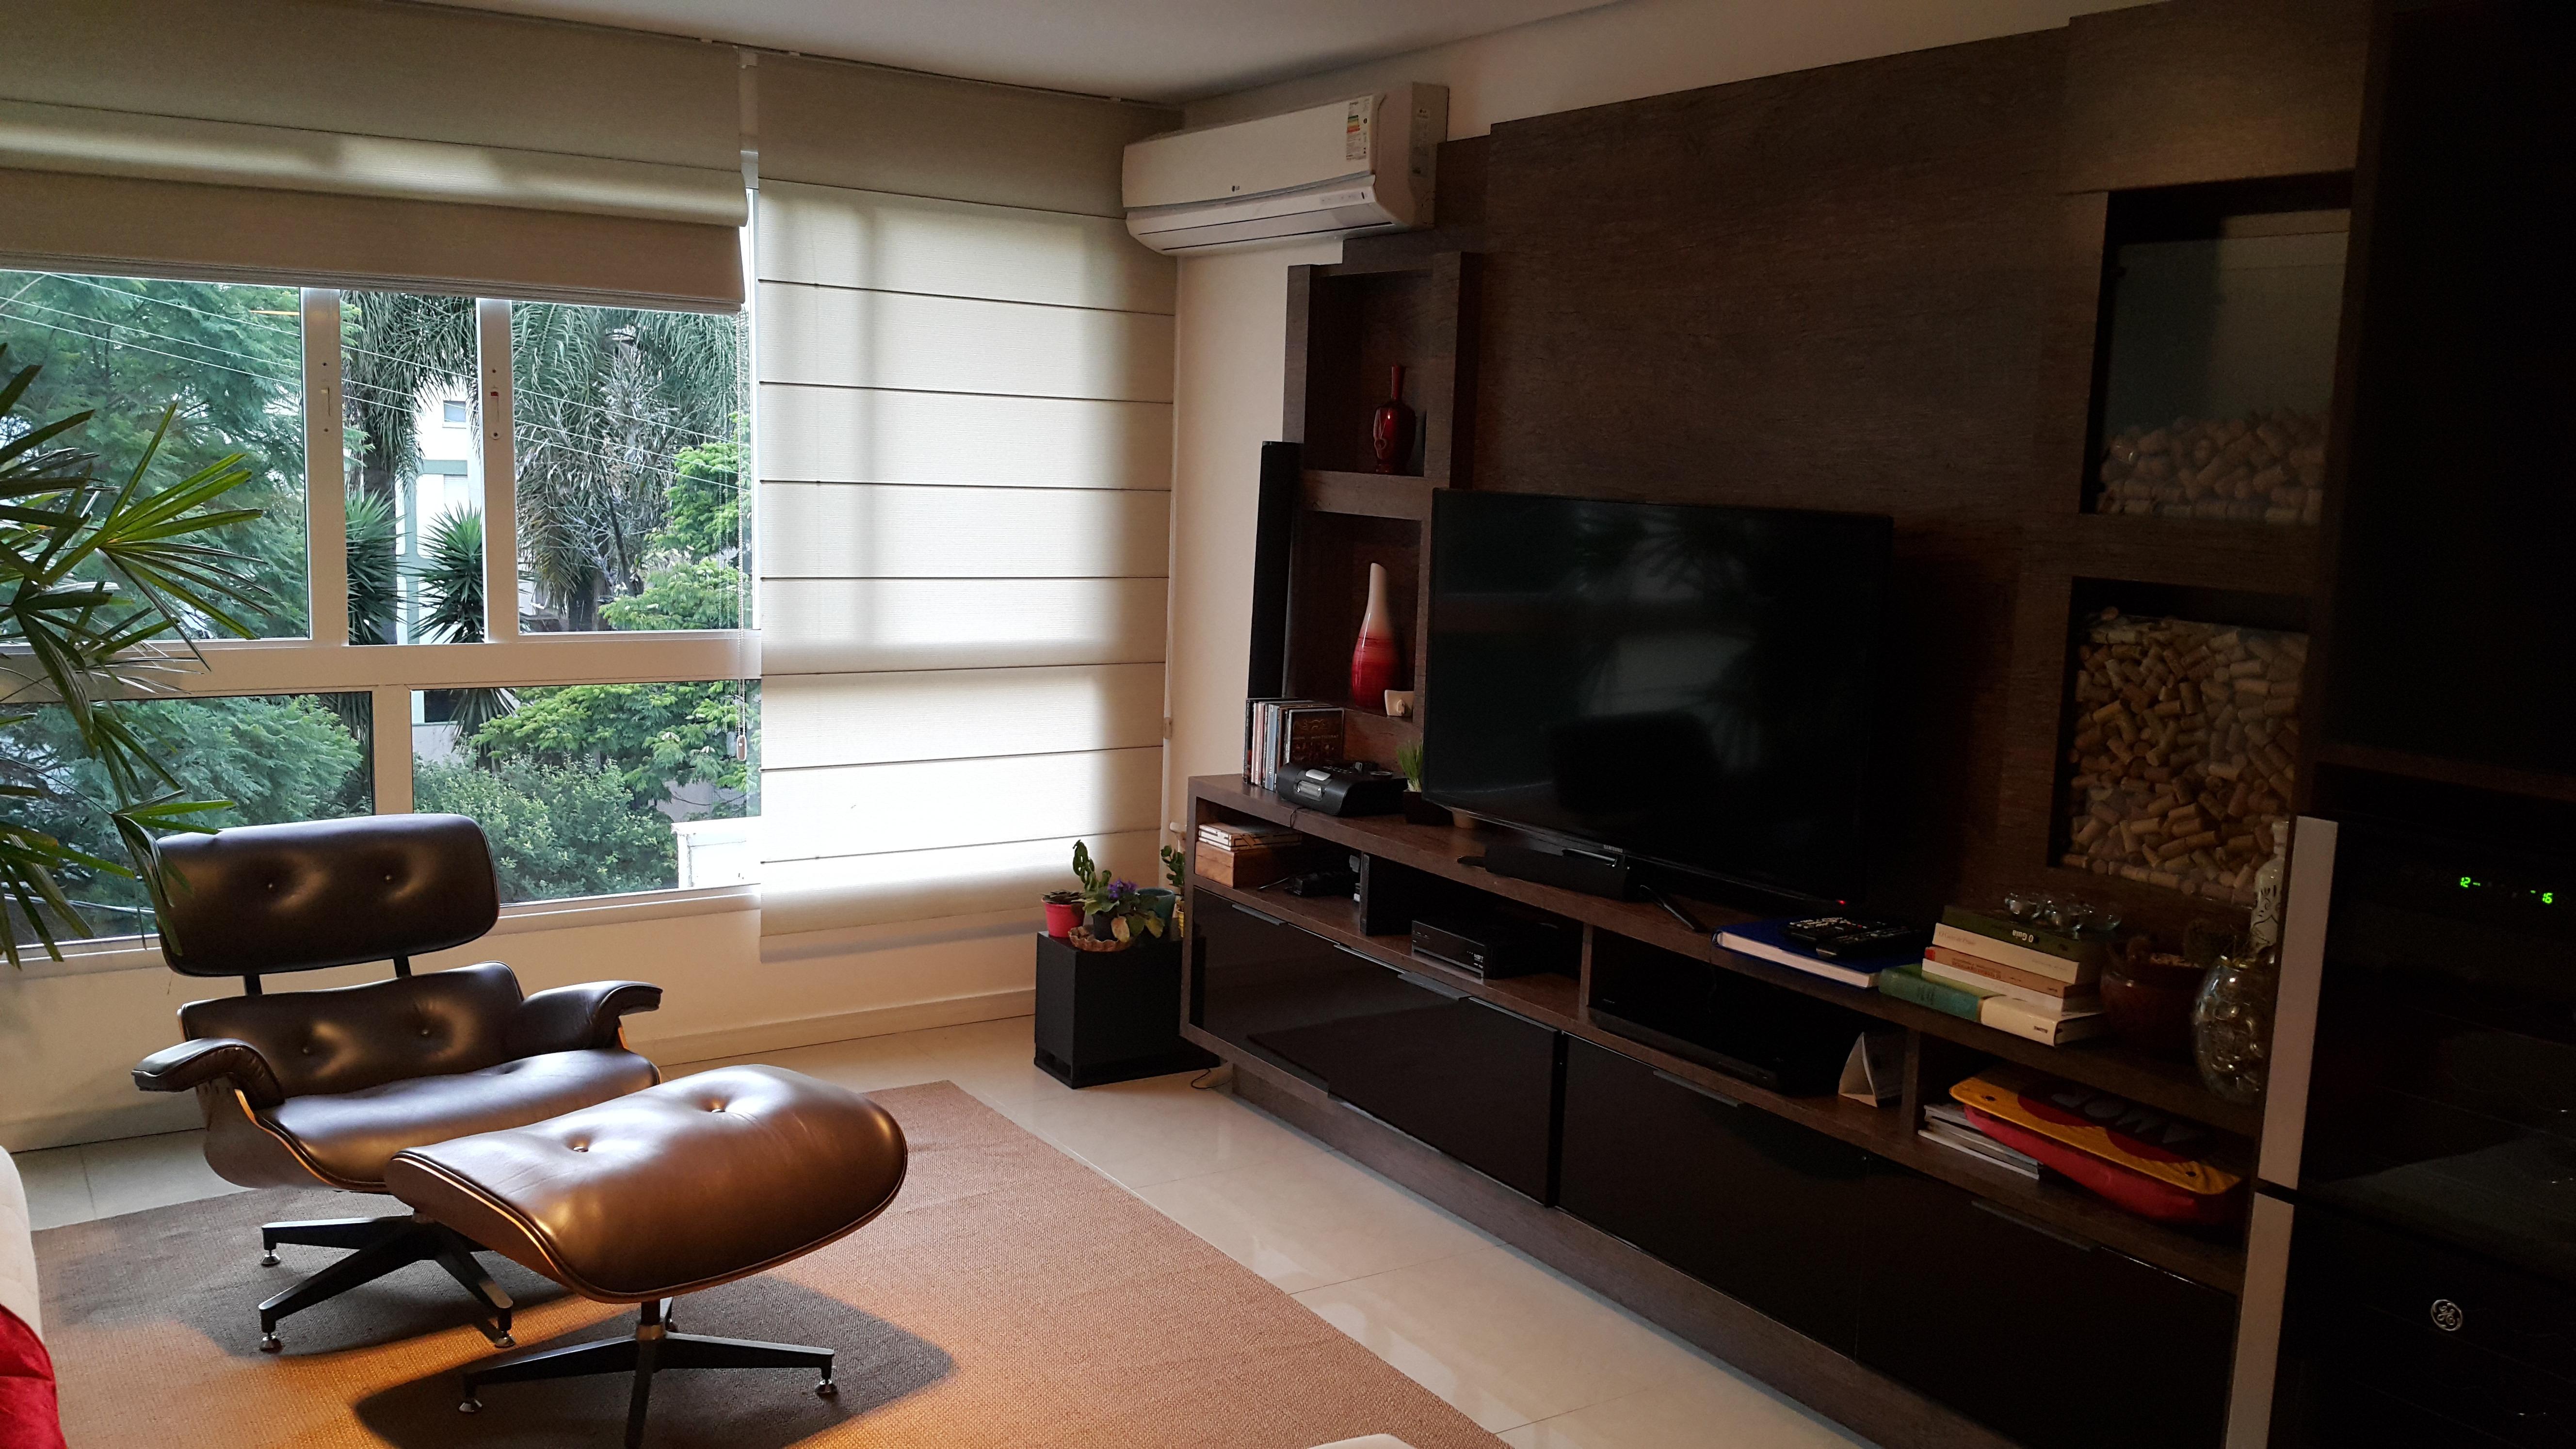 Apartamento com 2 Dormitórios 2 Suítes e 1 Vaga de Garagem à venda  #9D602E 5312x2988 Balança Digital Banheiro Porto Alegre